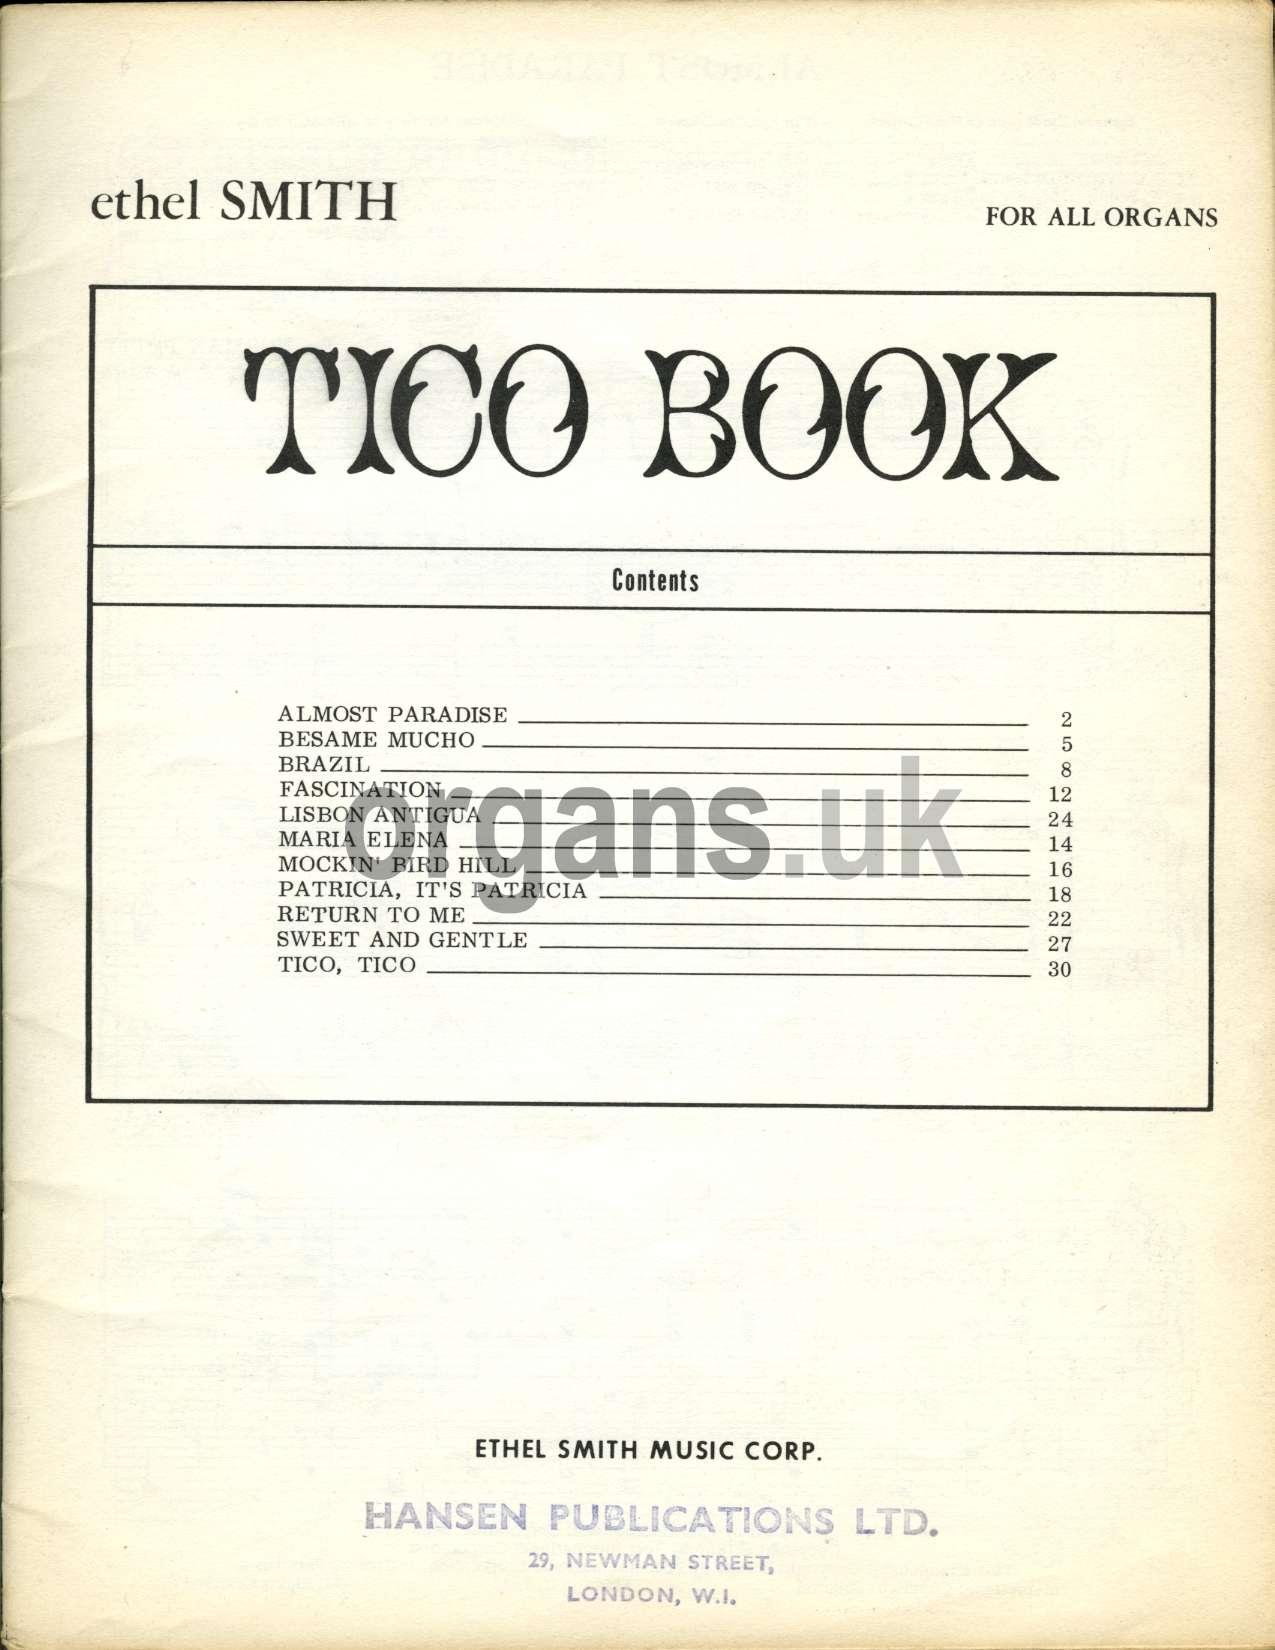 Ethel Smith - Tico Book